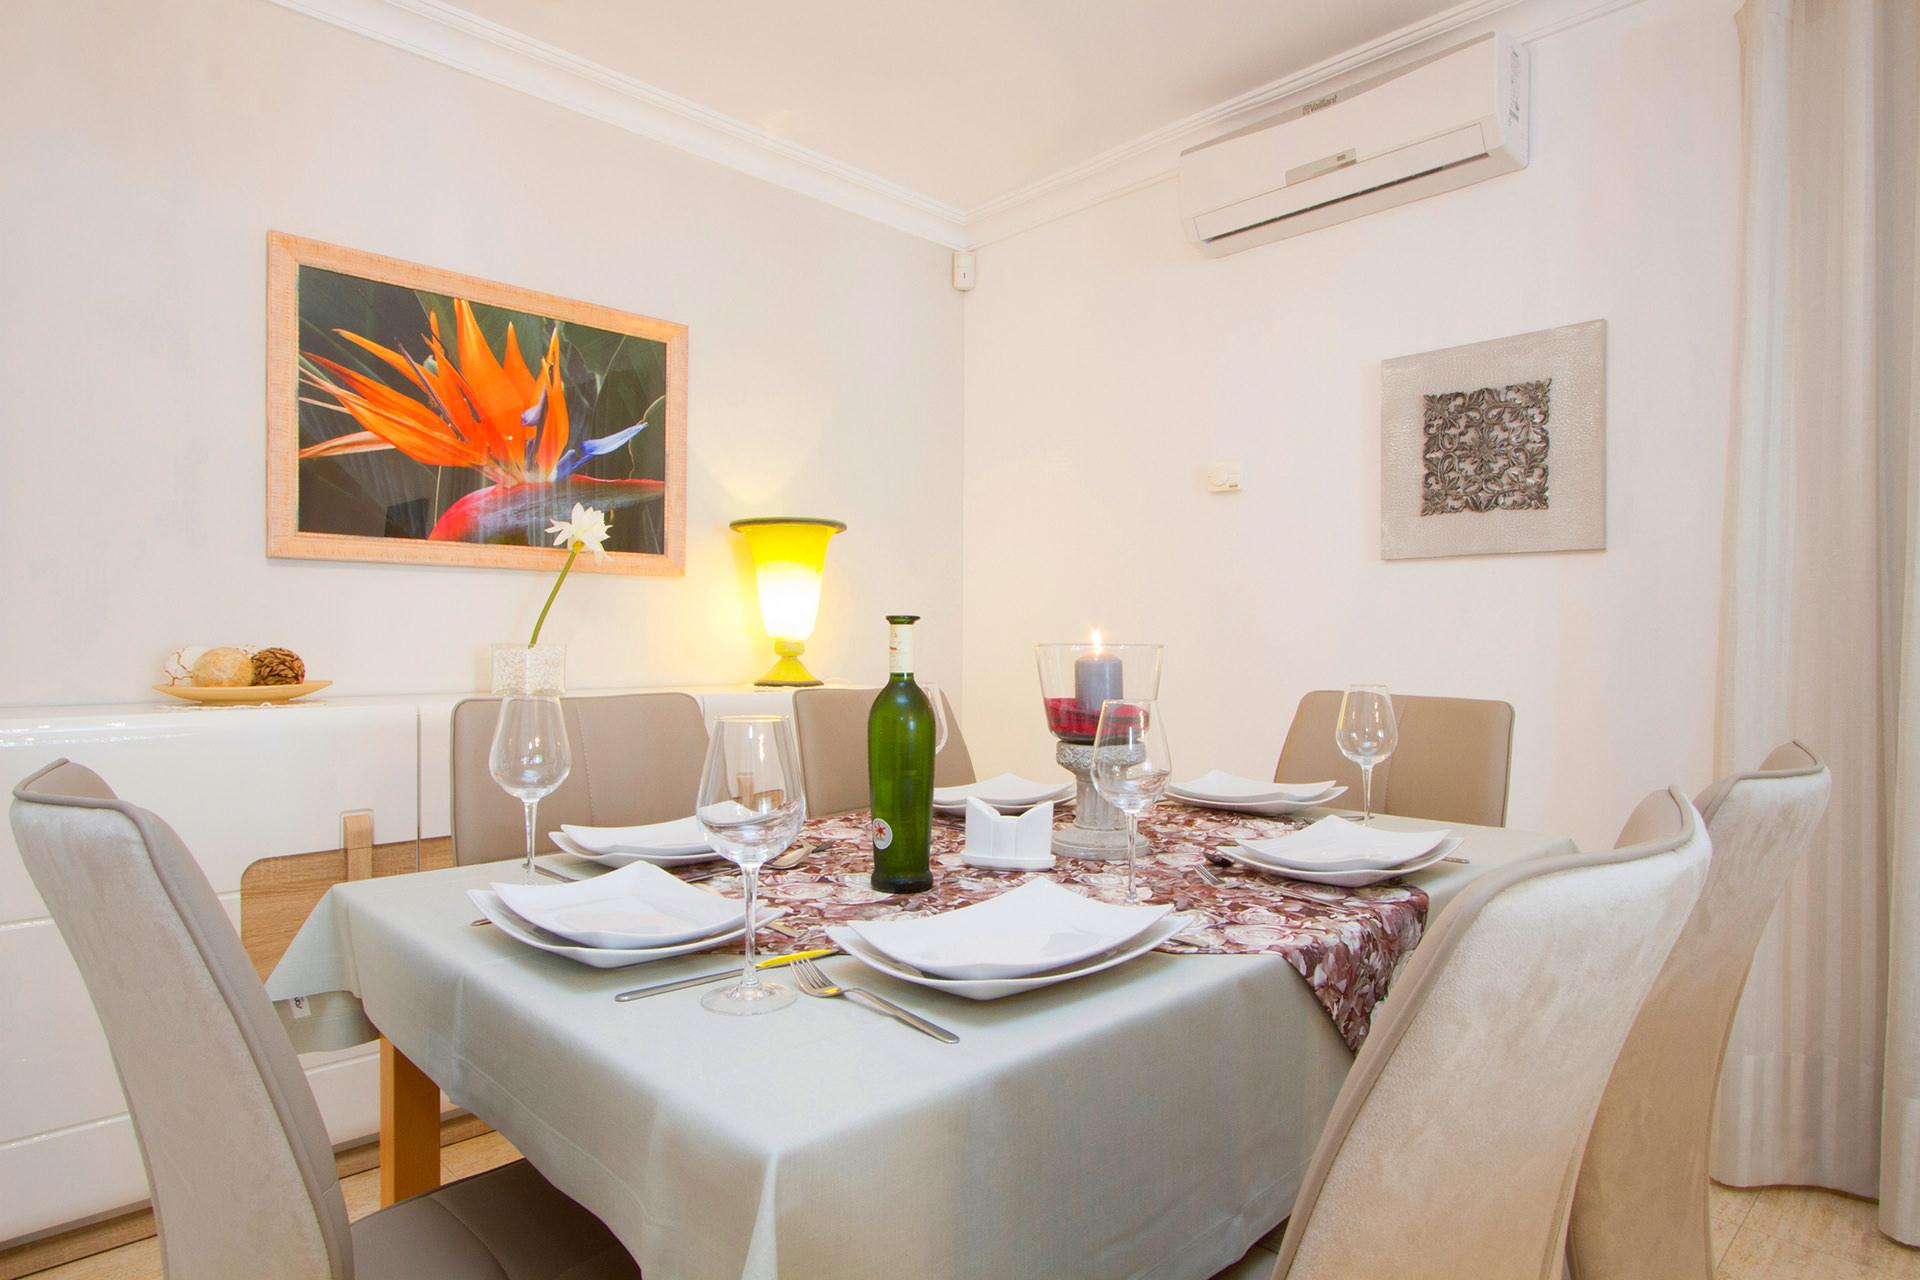 Ferienhaus Lanzarote Esszimmer